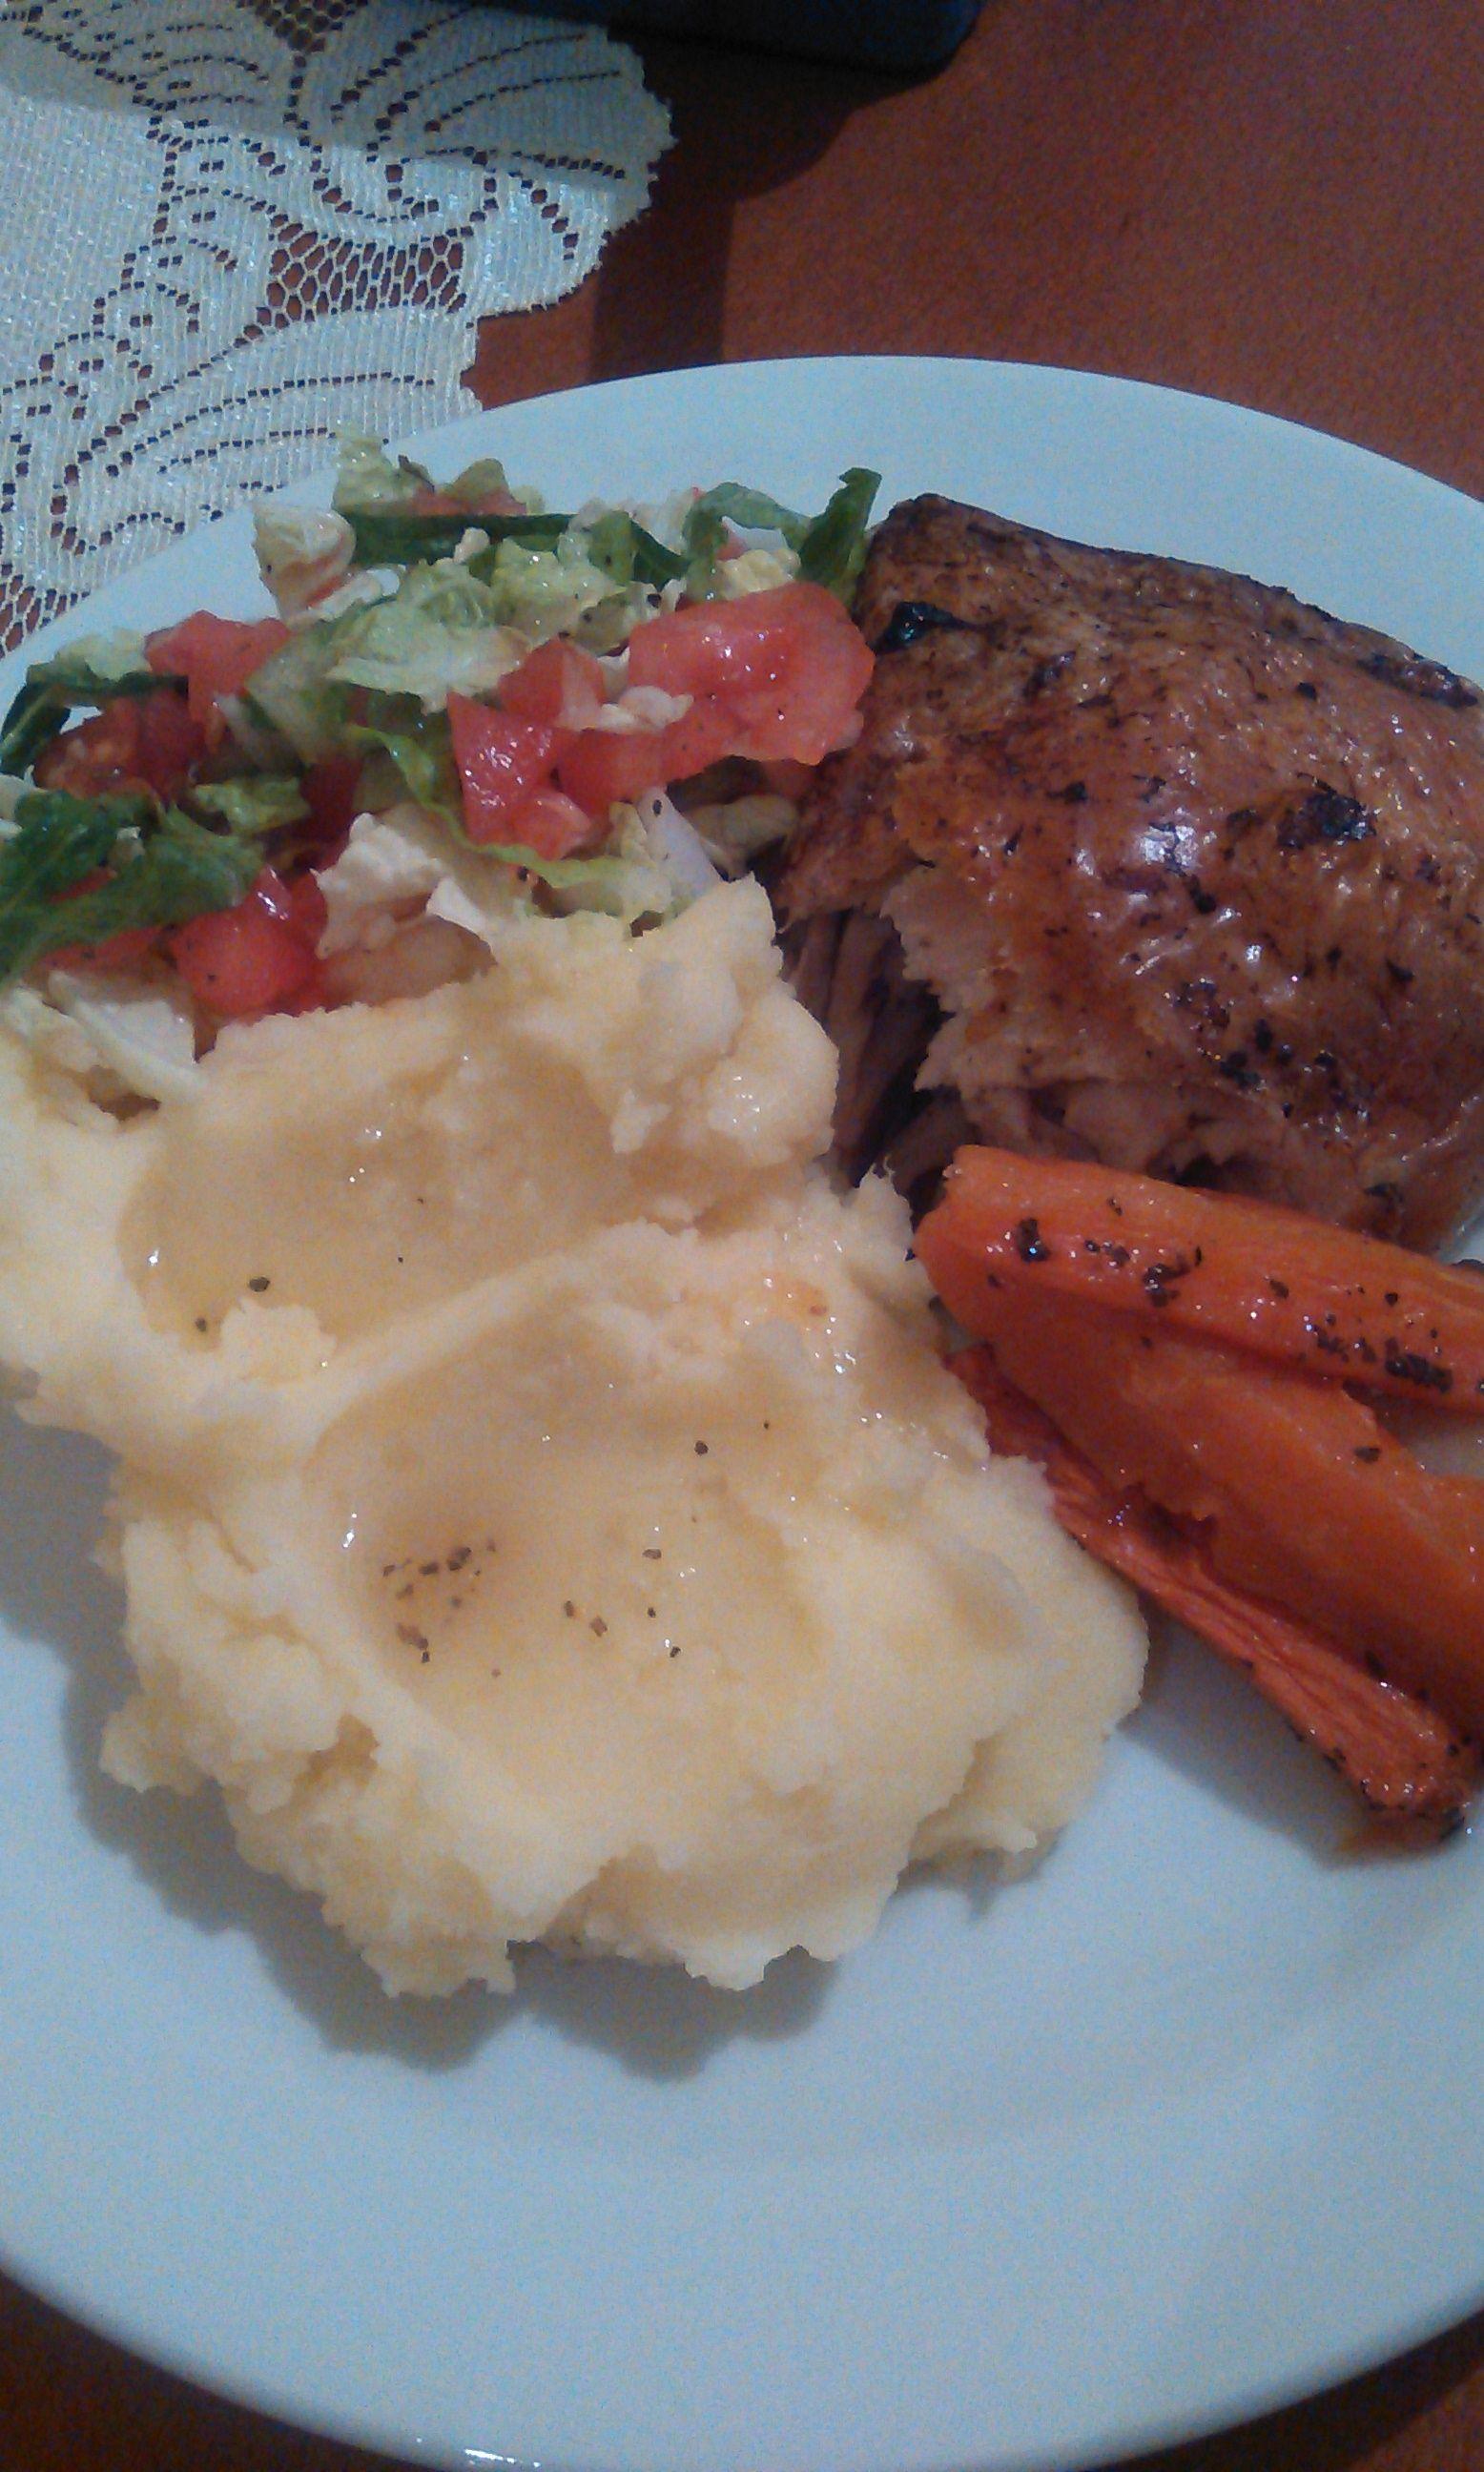 Kuracie stehná s pečenou zeleninou, zemiakovou kašou a čerstvým šalátom  Ingrediencie: Kuracie stehná, koreniny, sušené bylinky, mrkva, petržlen, cesnak = spolu upečieme. Zemiaky, trochu mlieka, maslo = urobíme kašu. Čínska kapusta, cibuľa, rajčina, trošku citrónovej šťavy = urobíme šalát.